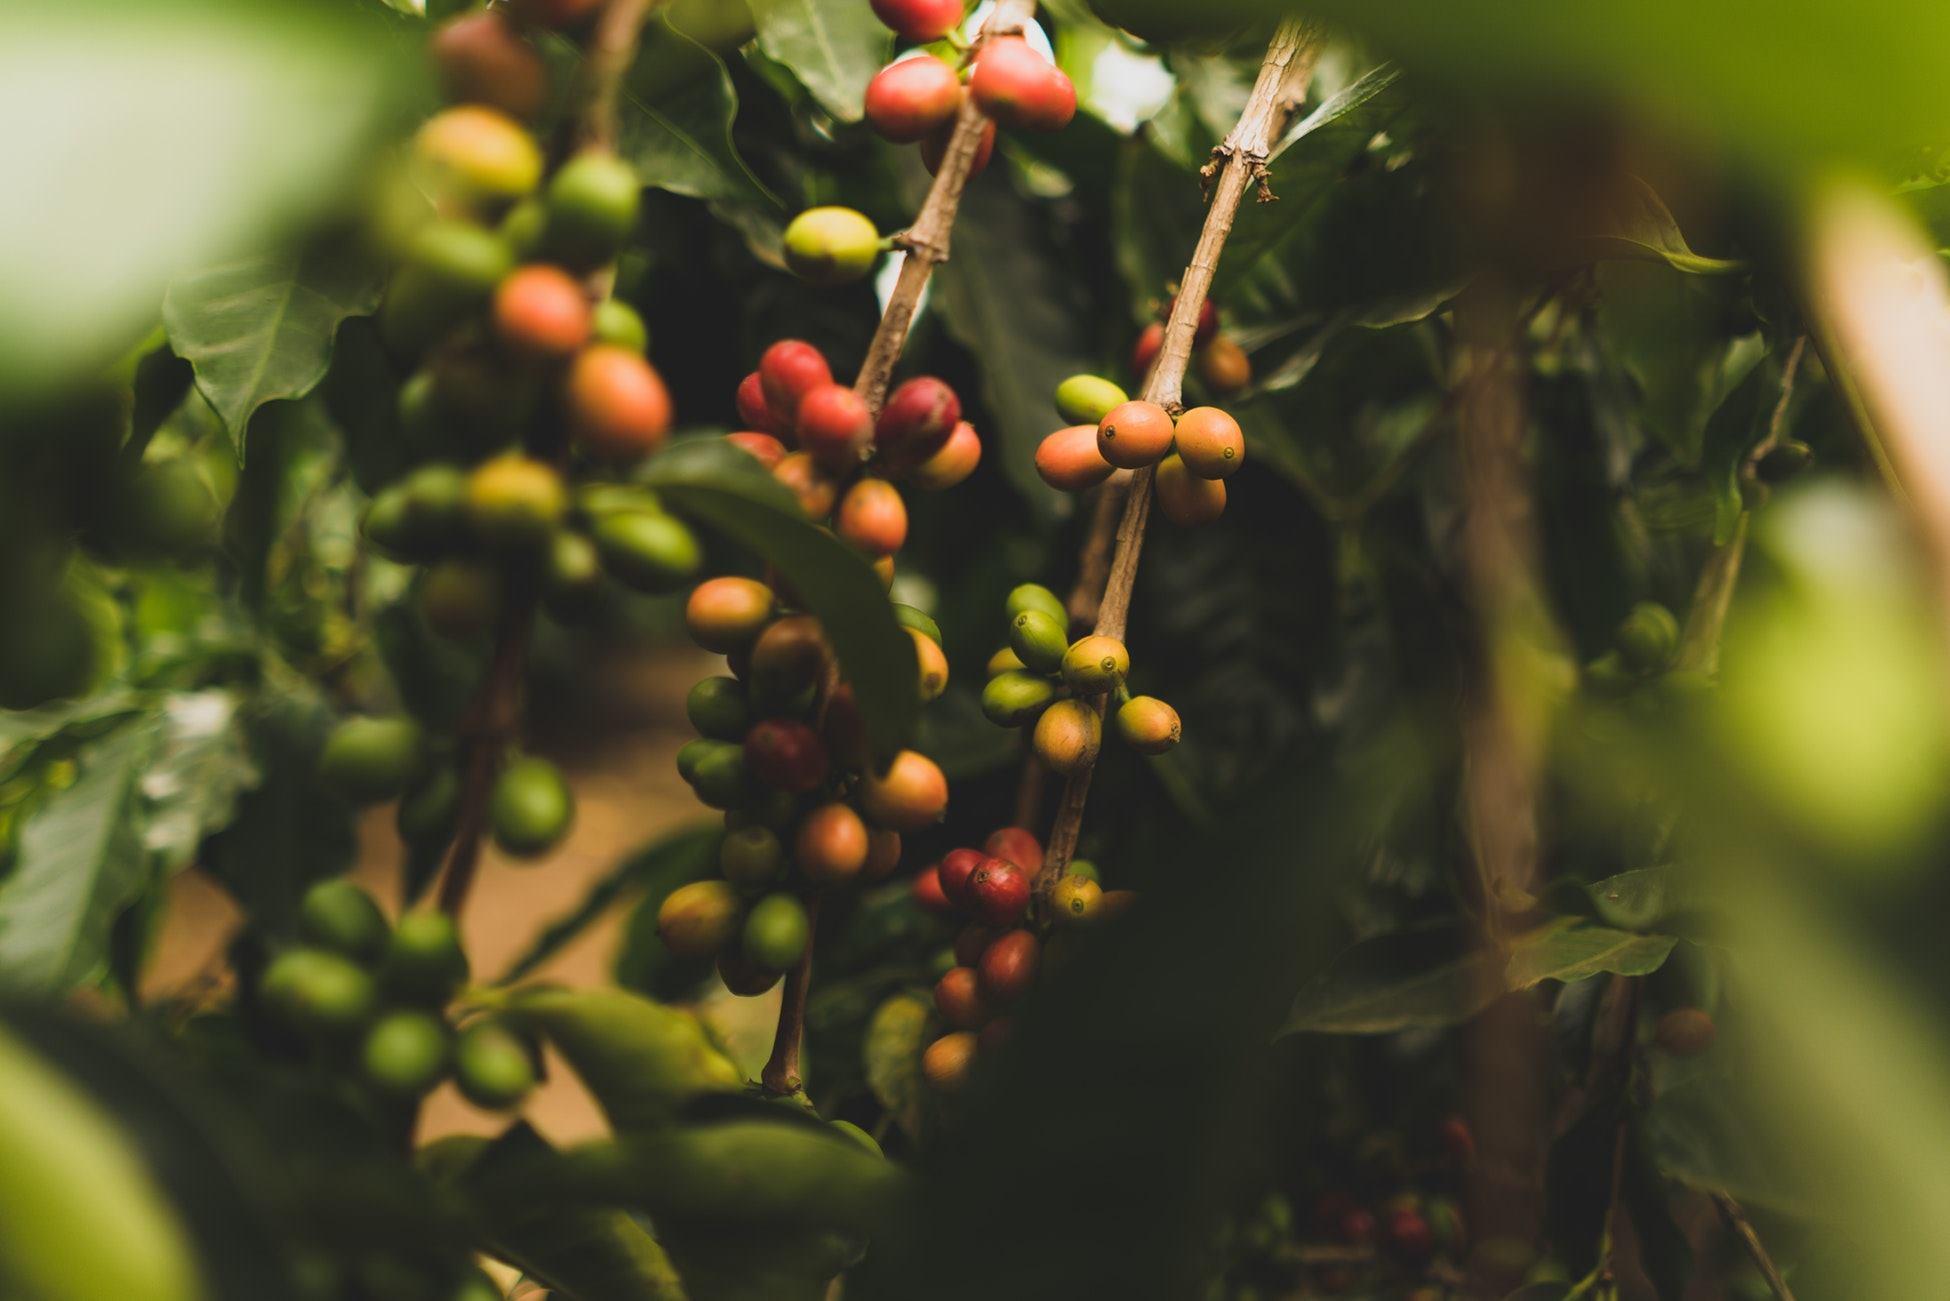 【精品咖啡聽我說】藝伎咖啡豆有什麼魔力?竟讓大家愛不釋手!